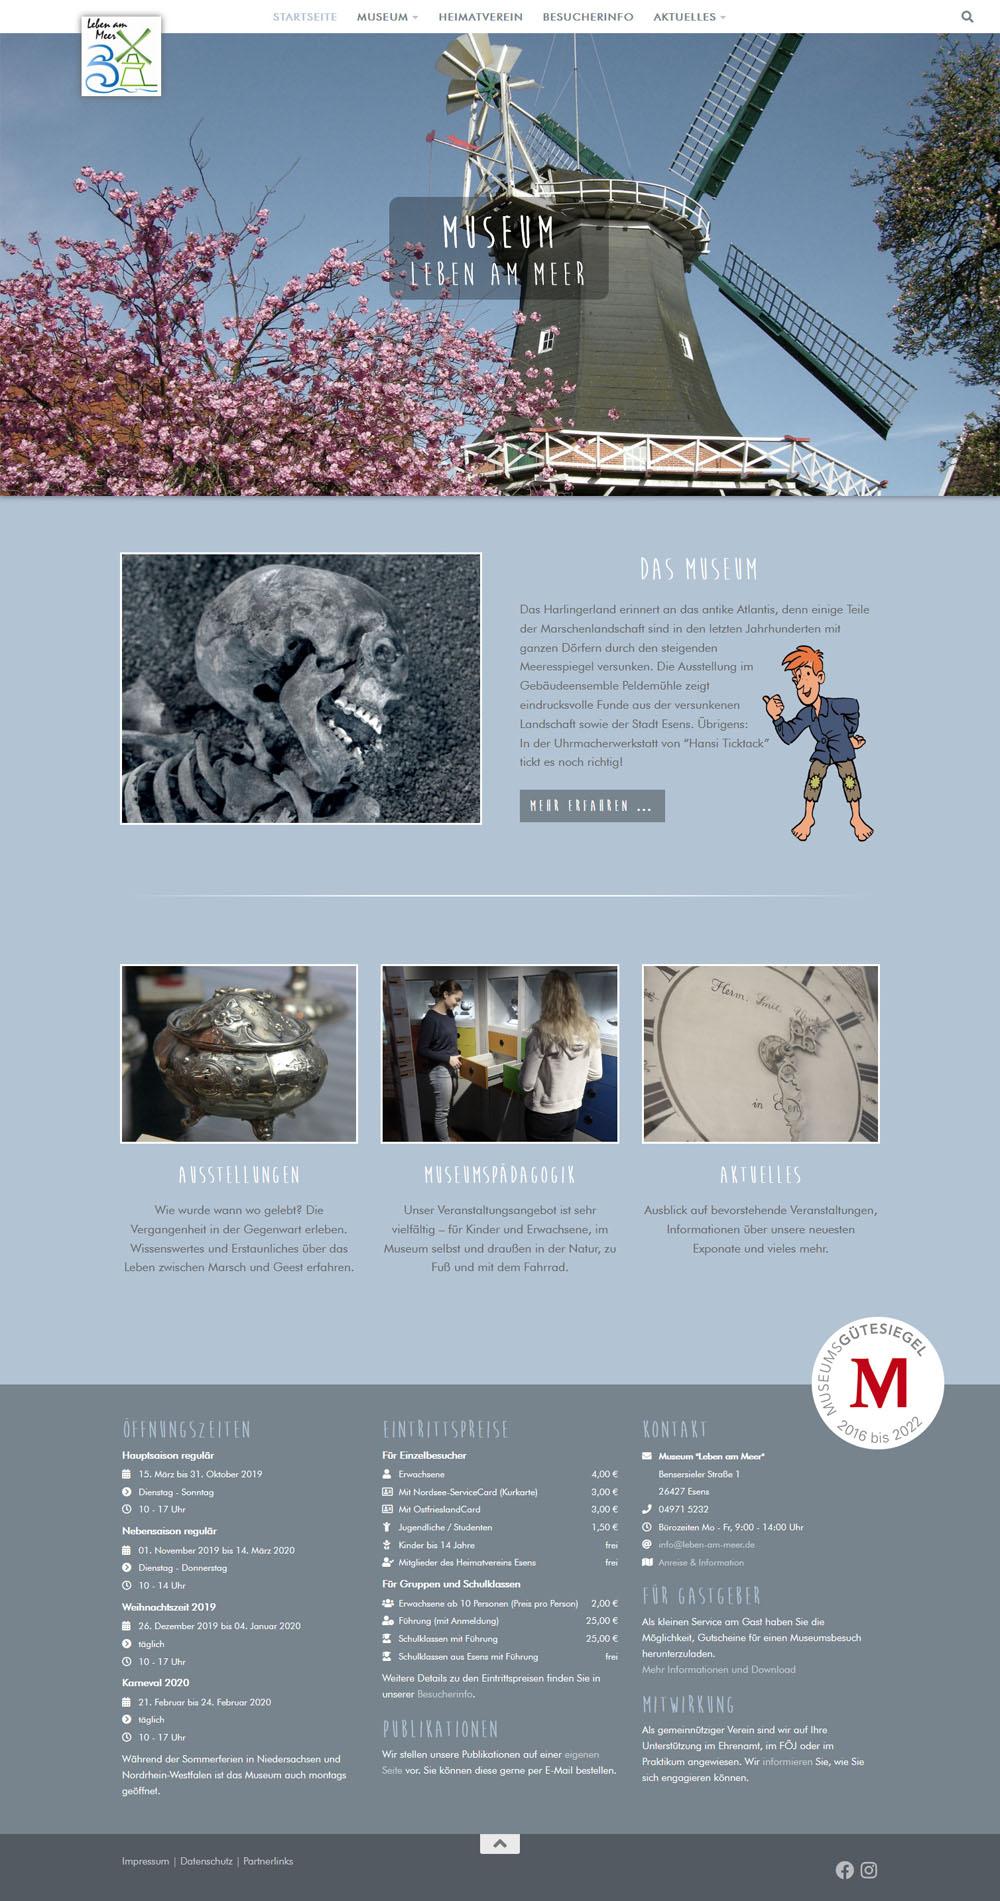 Museum Leben am Meer